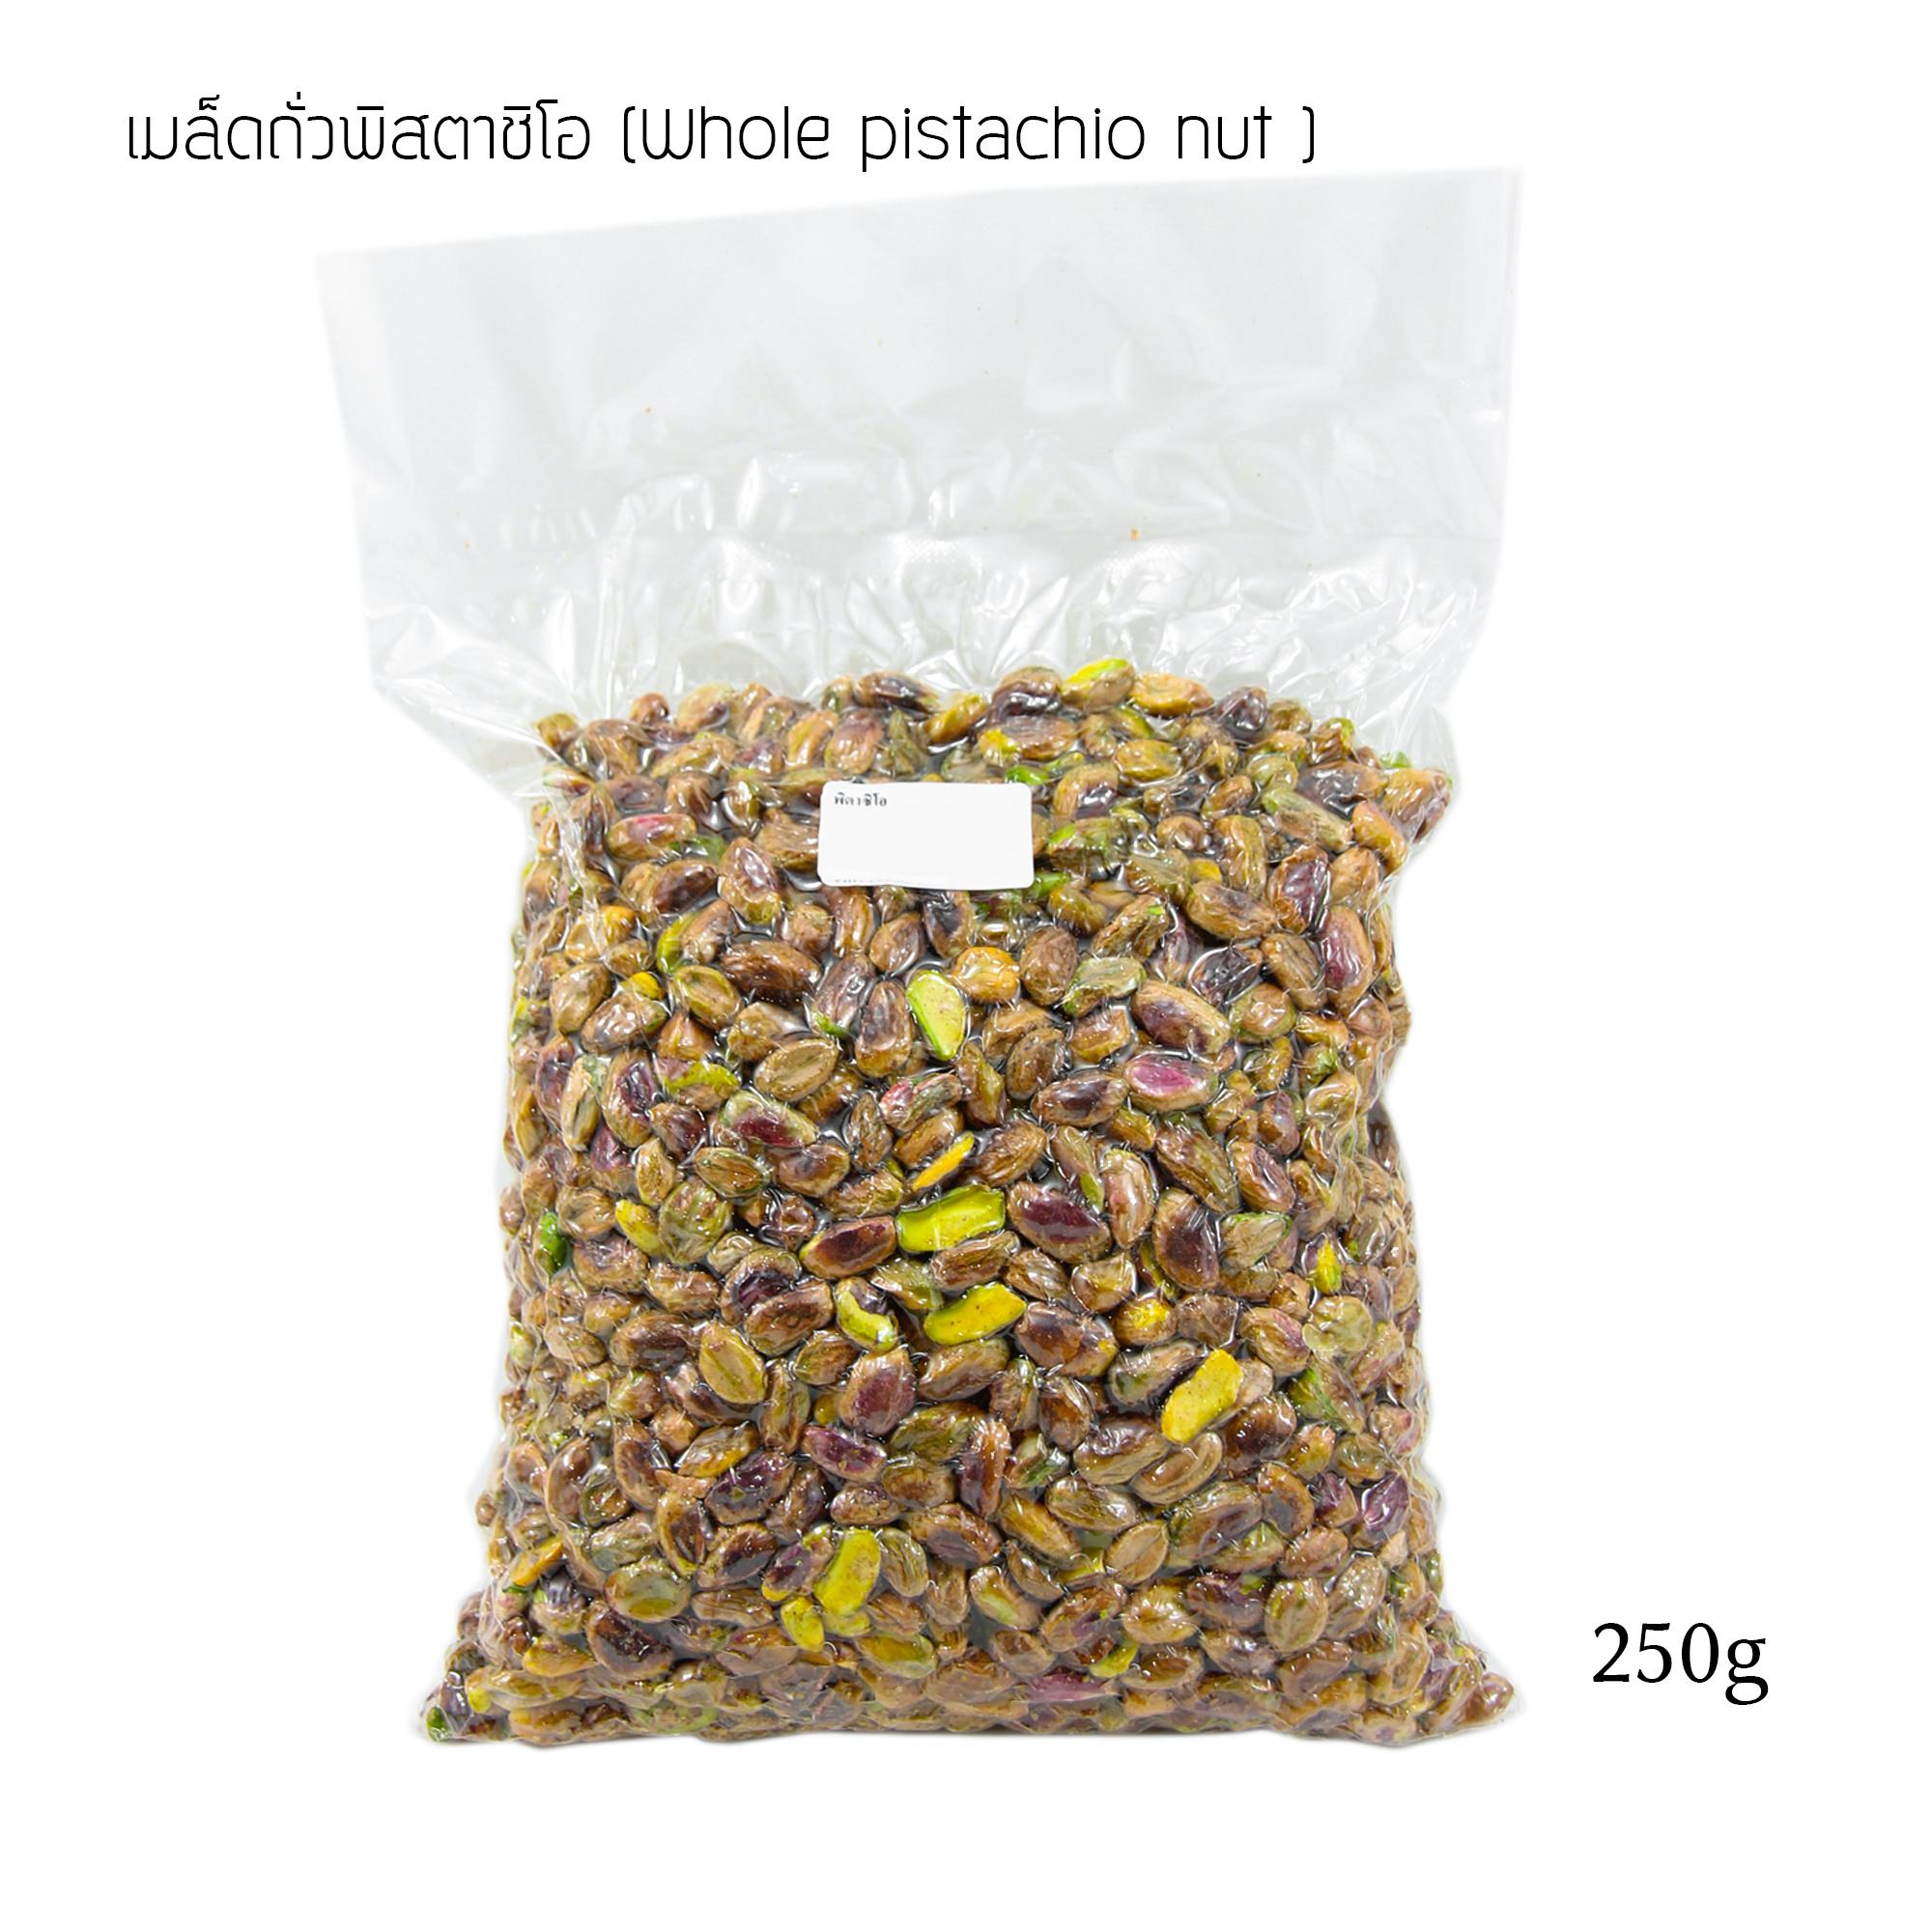 เมล็ดถั่วพิสตาชิโอ นำเข้า USA (Whole pistachio nut ) 250g